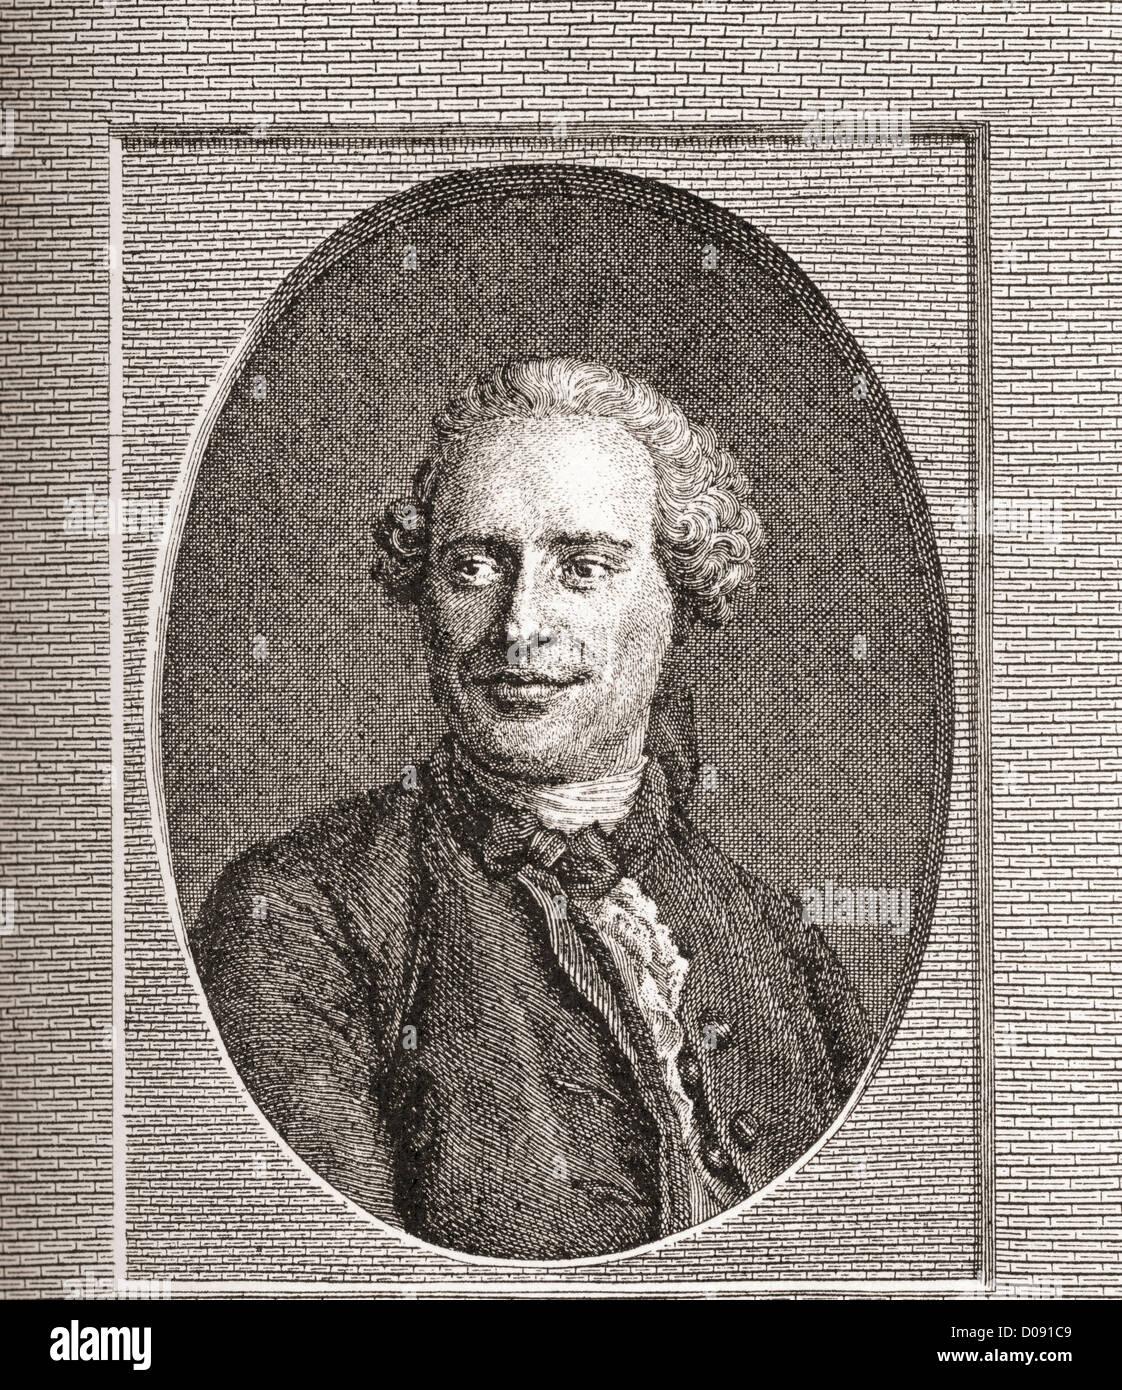 Jean-Baptiste le Rond d'Alembert, 1717 -1783. Mathématicien et philosophe français. Photo Stock